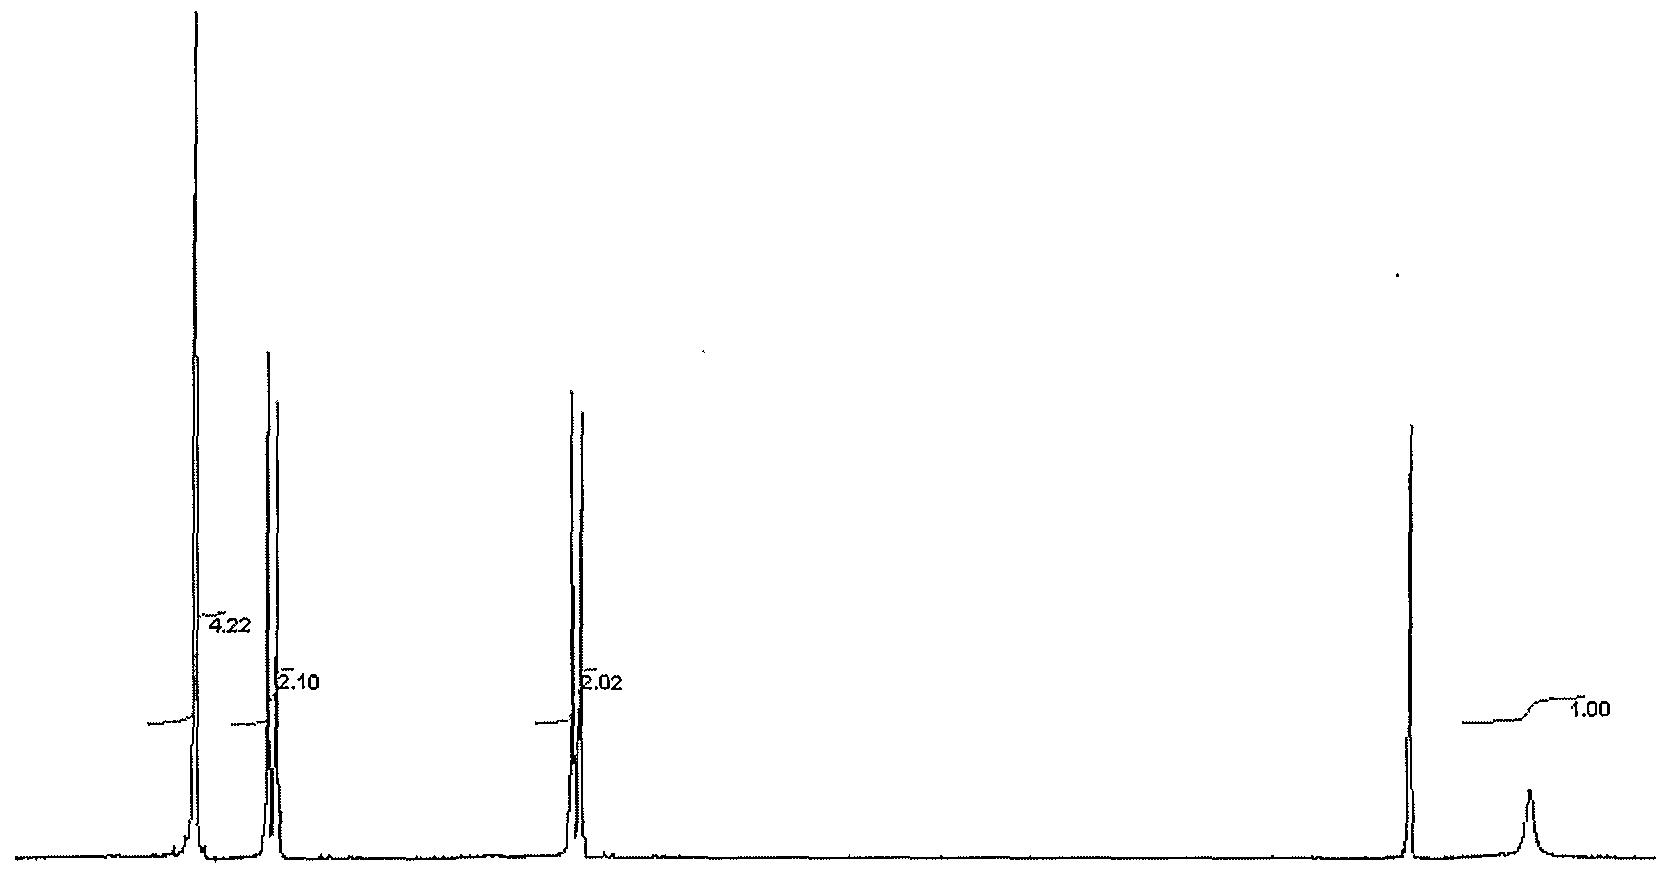 Hexane nmr ketone nmr ppm the 1h nmr in cd2cl2